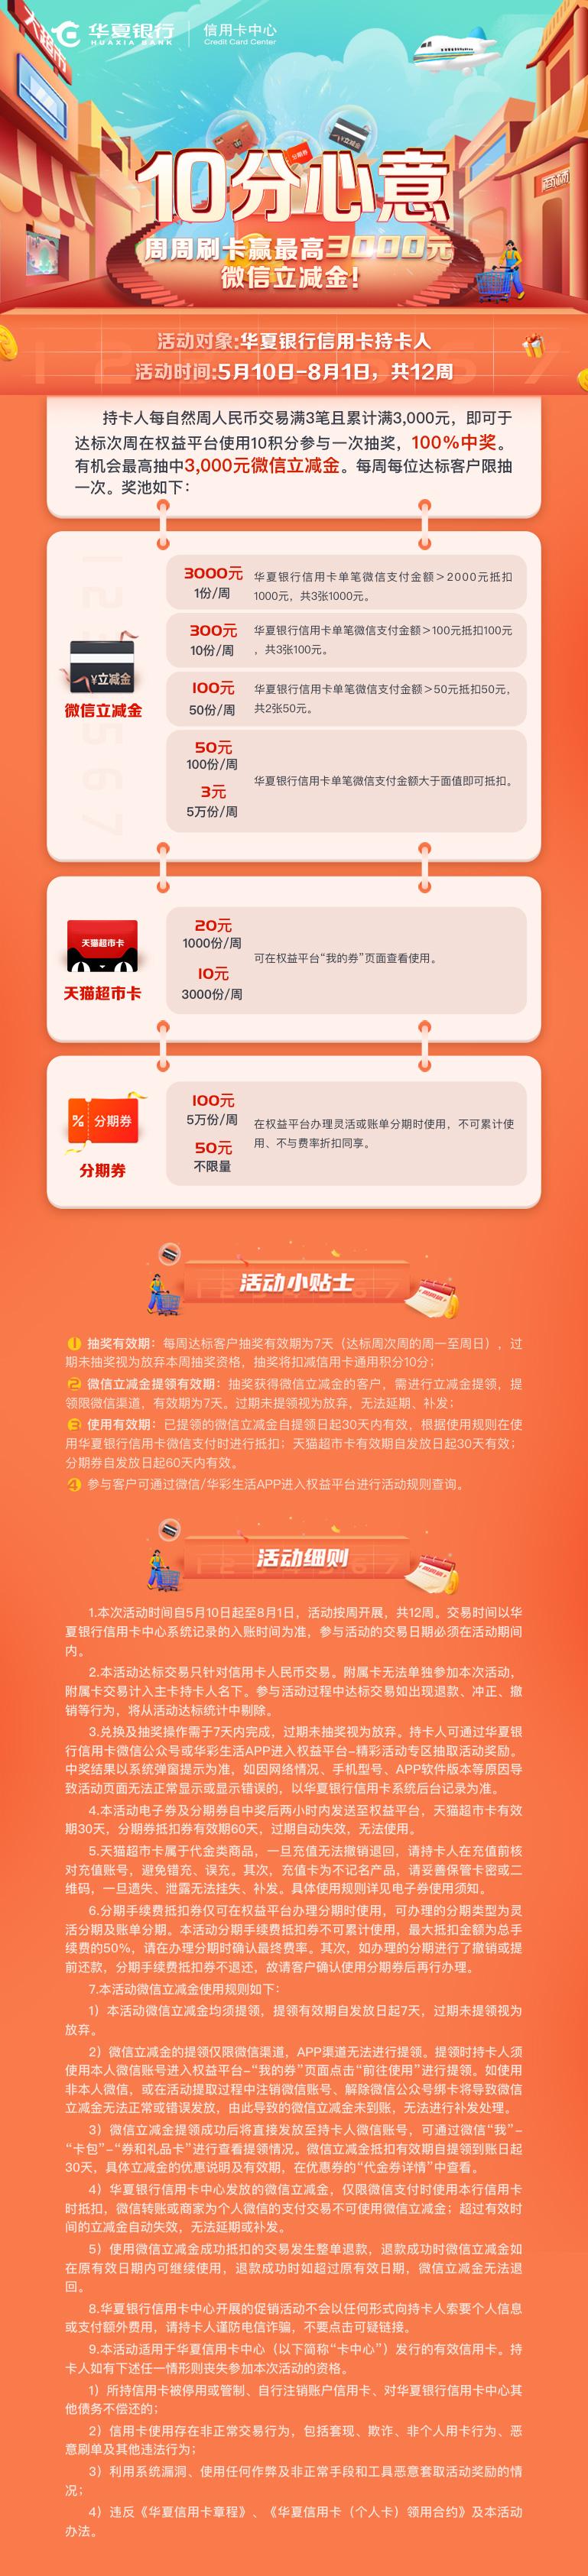 2021年5月11日华夏银行信用卡优惠活动推荐